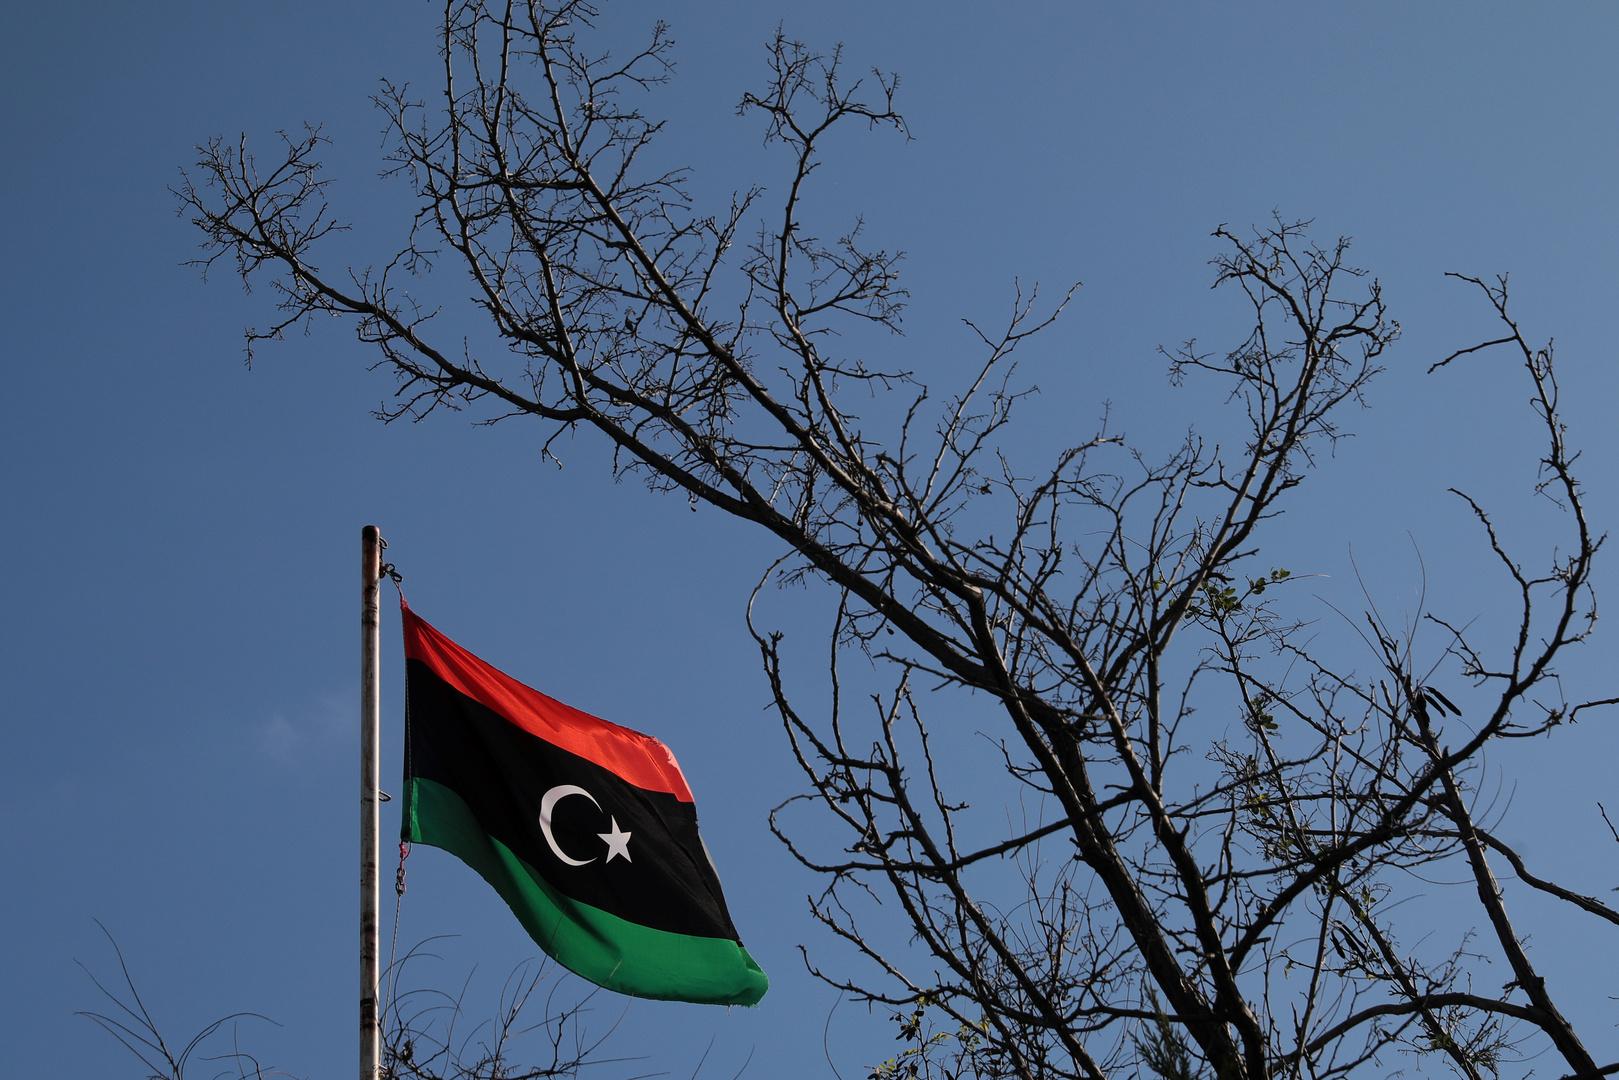 قيادة القوات المسلحة الليبية: ندعم جهود إرساء السلام وإجراء الانتخابات في موعدها